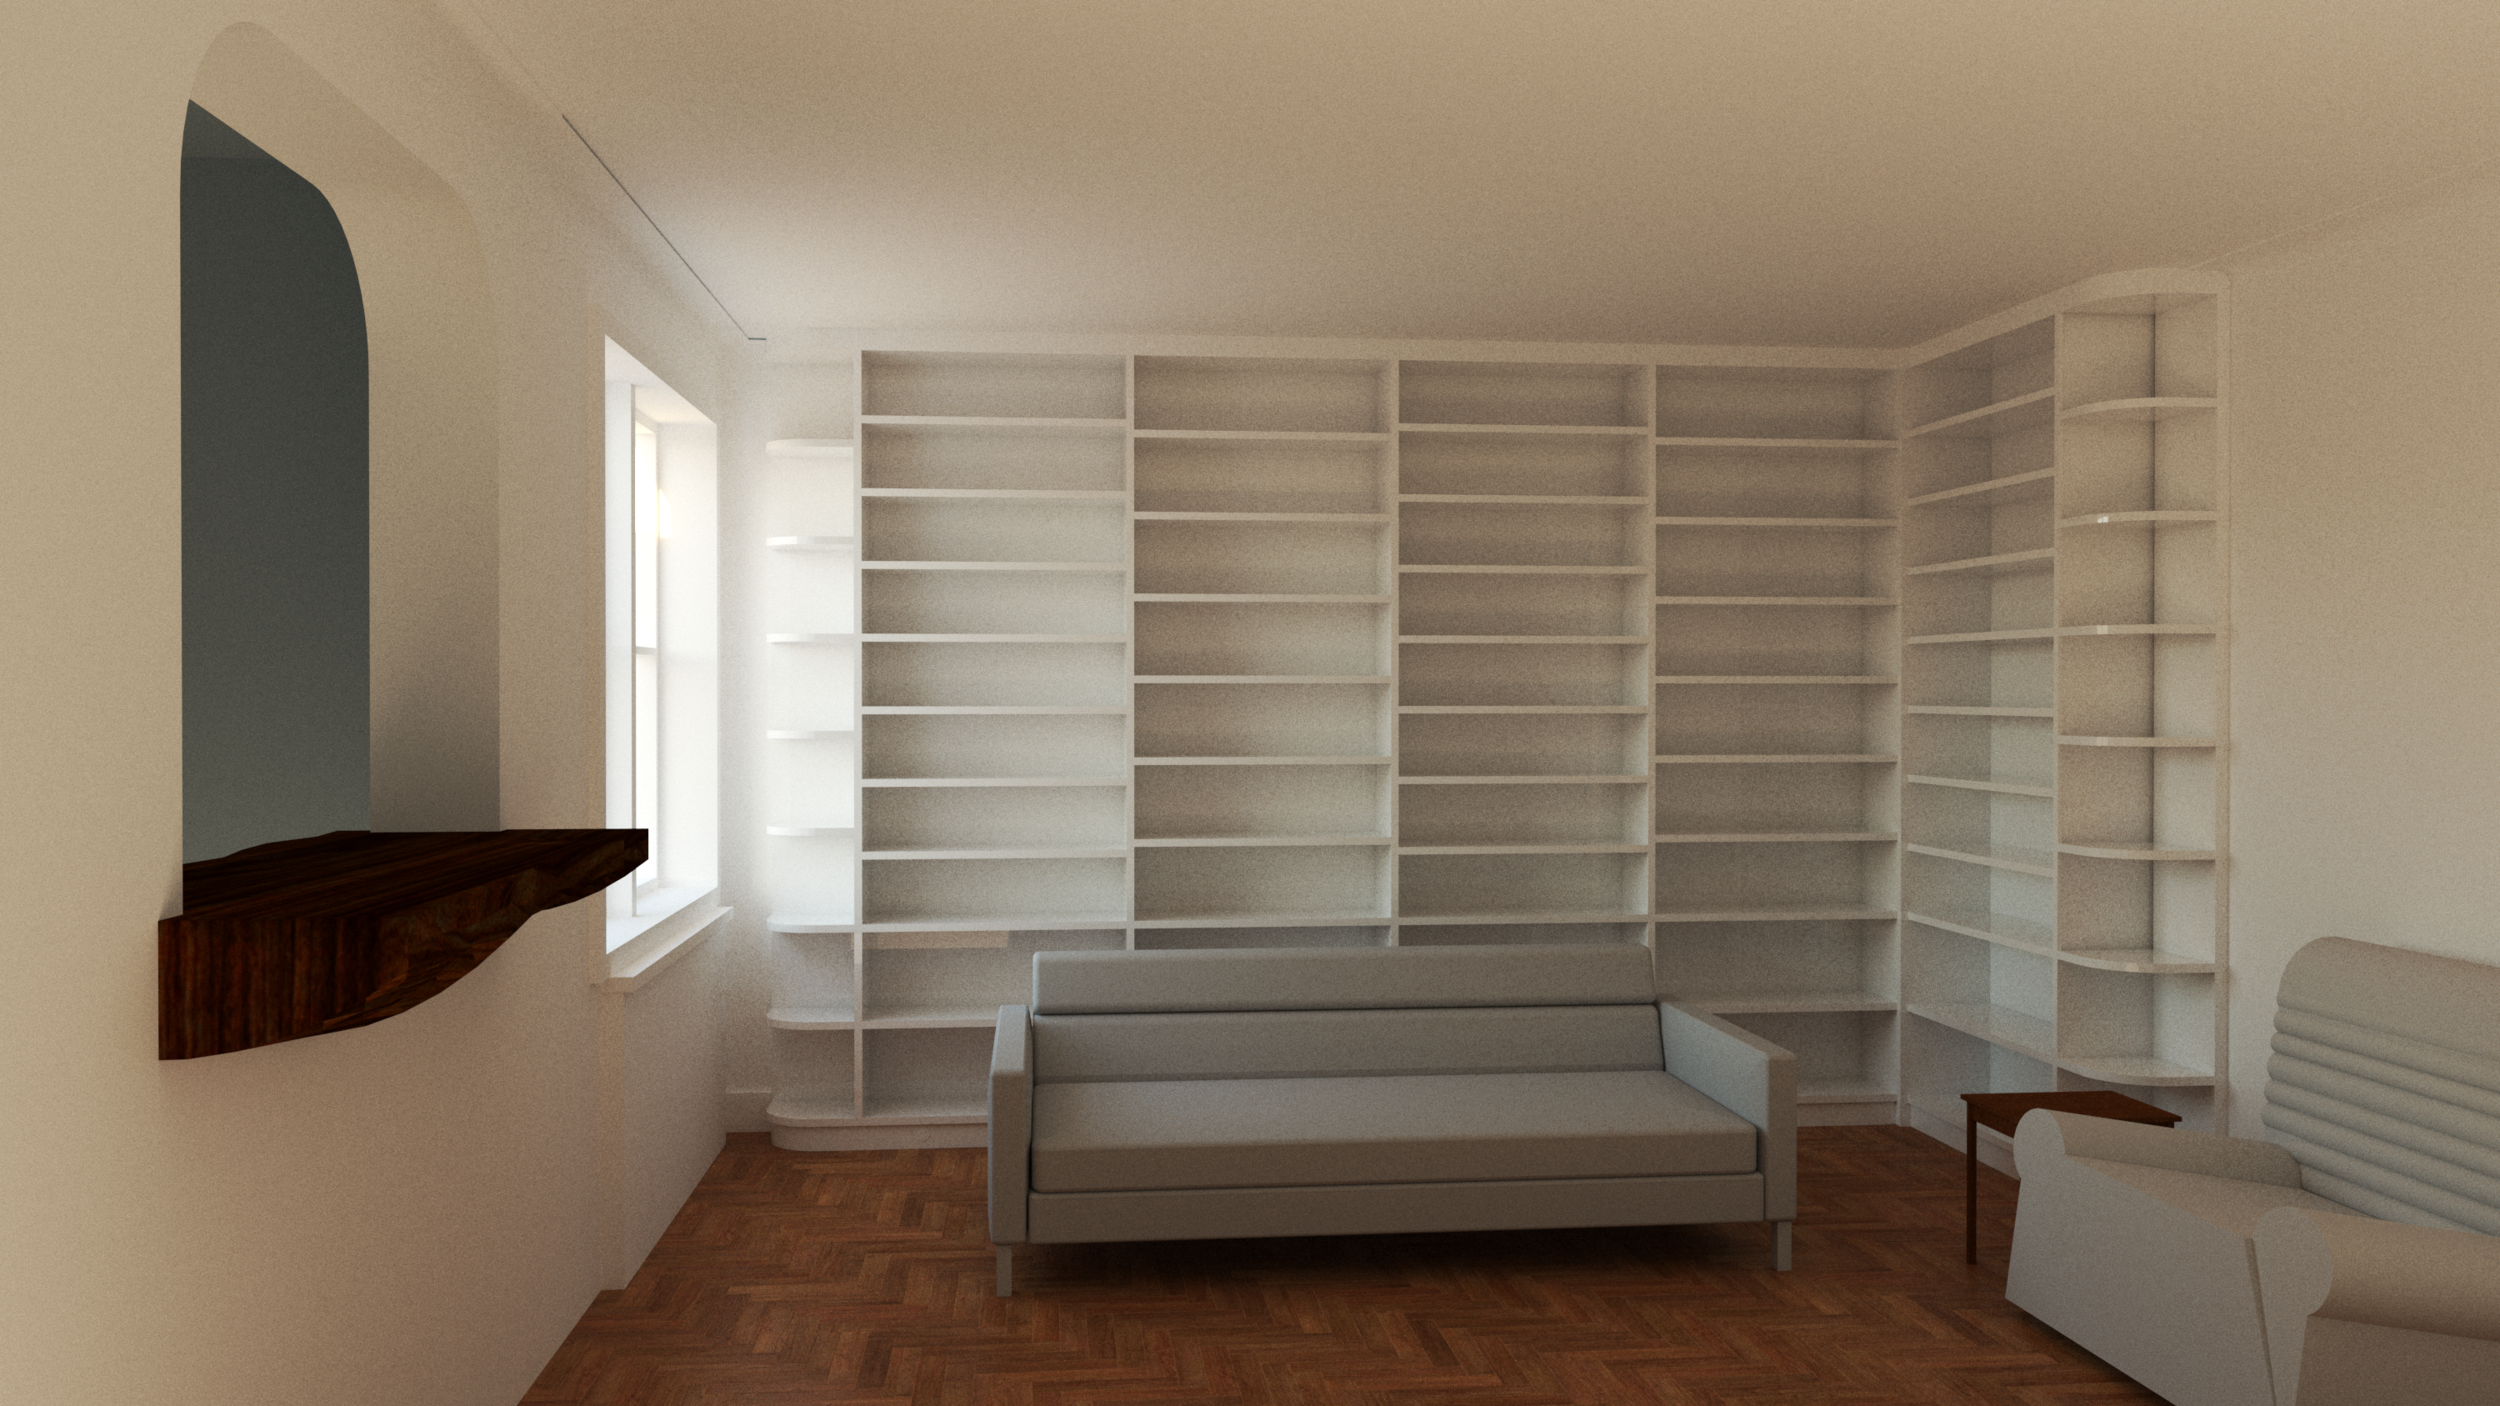 Floor-to-ceilingbookshelves - All open shelving for simple bookshelves